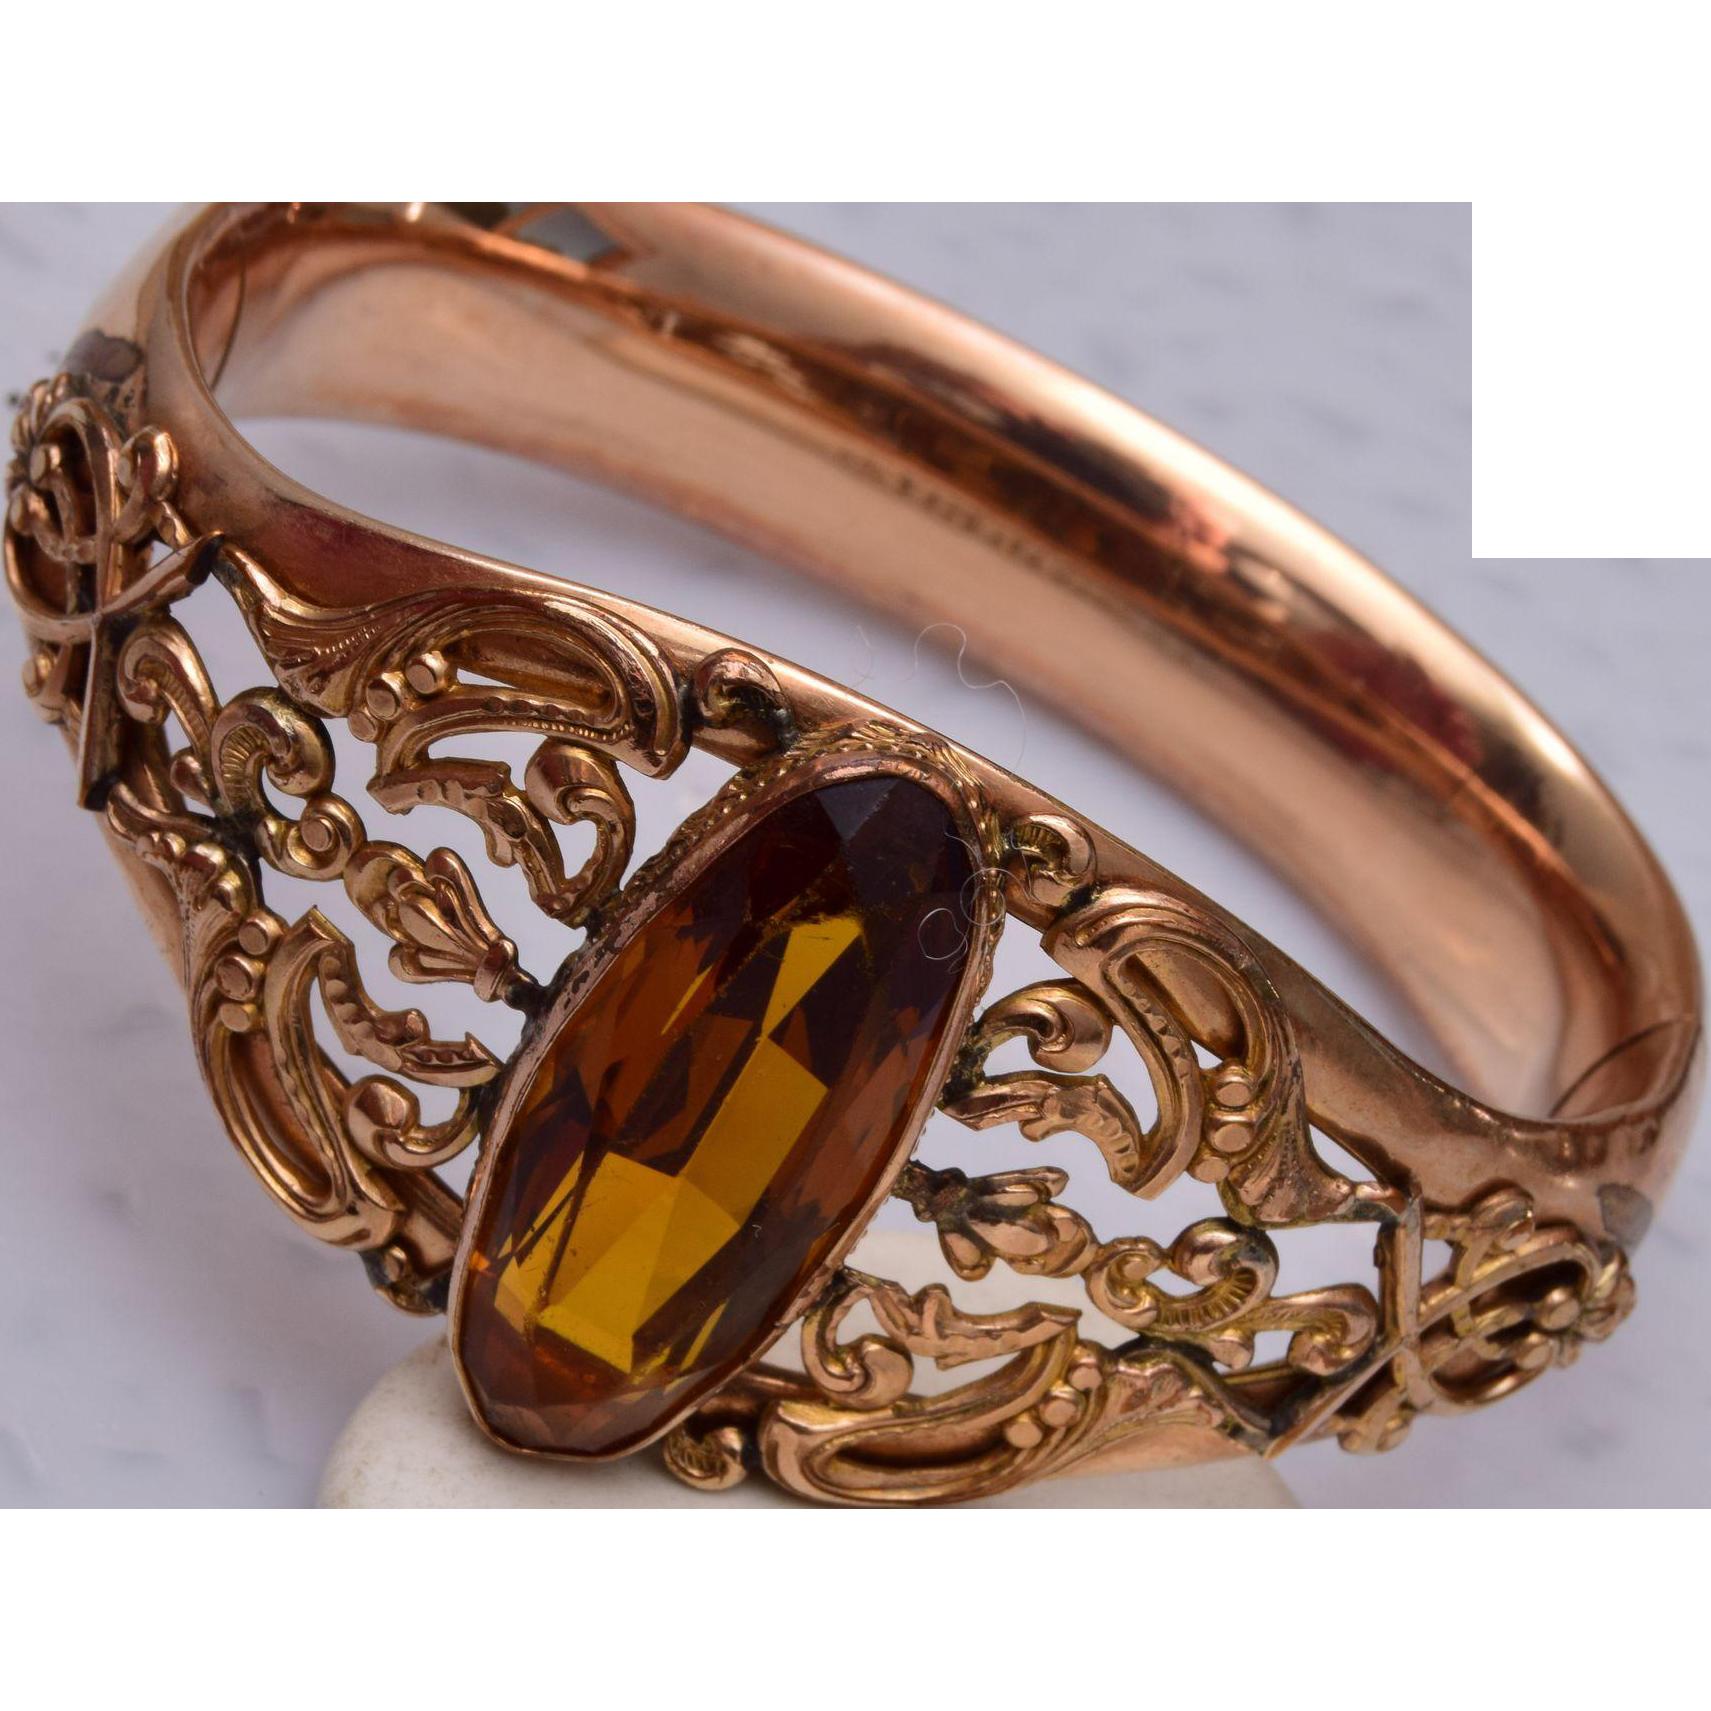 1908 Bigney Gold Filled Hinged Bangle Bracelet with Stone